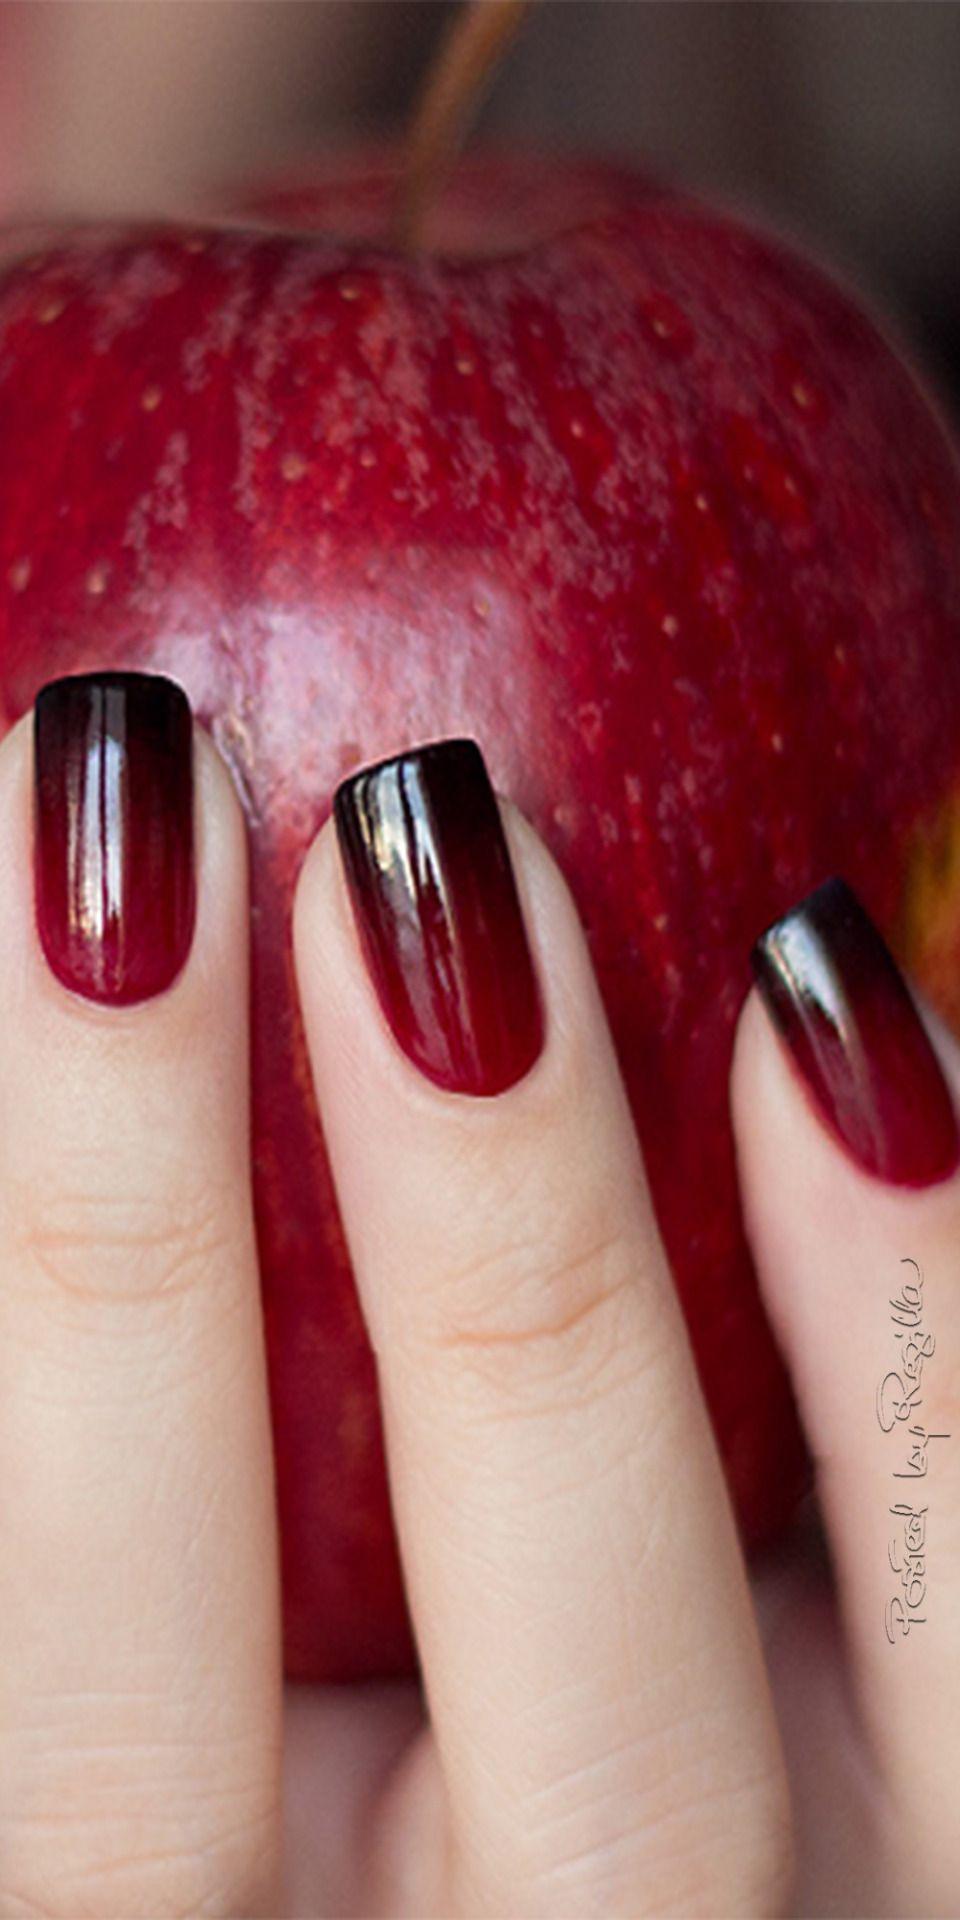 Regilla ⚜ More   Nails   Pinterest   Makeup, Manicure and Nail nail